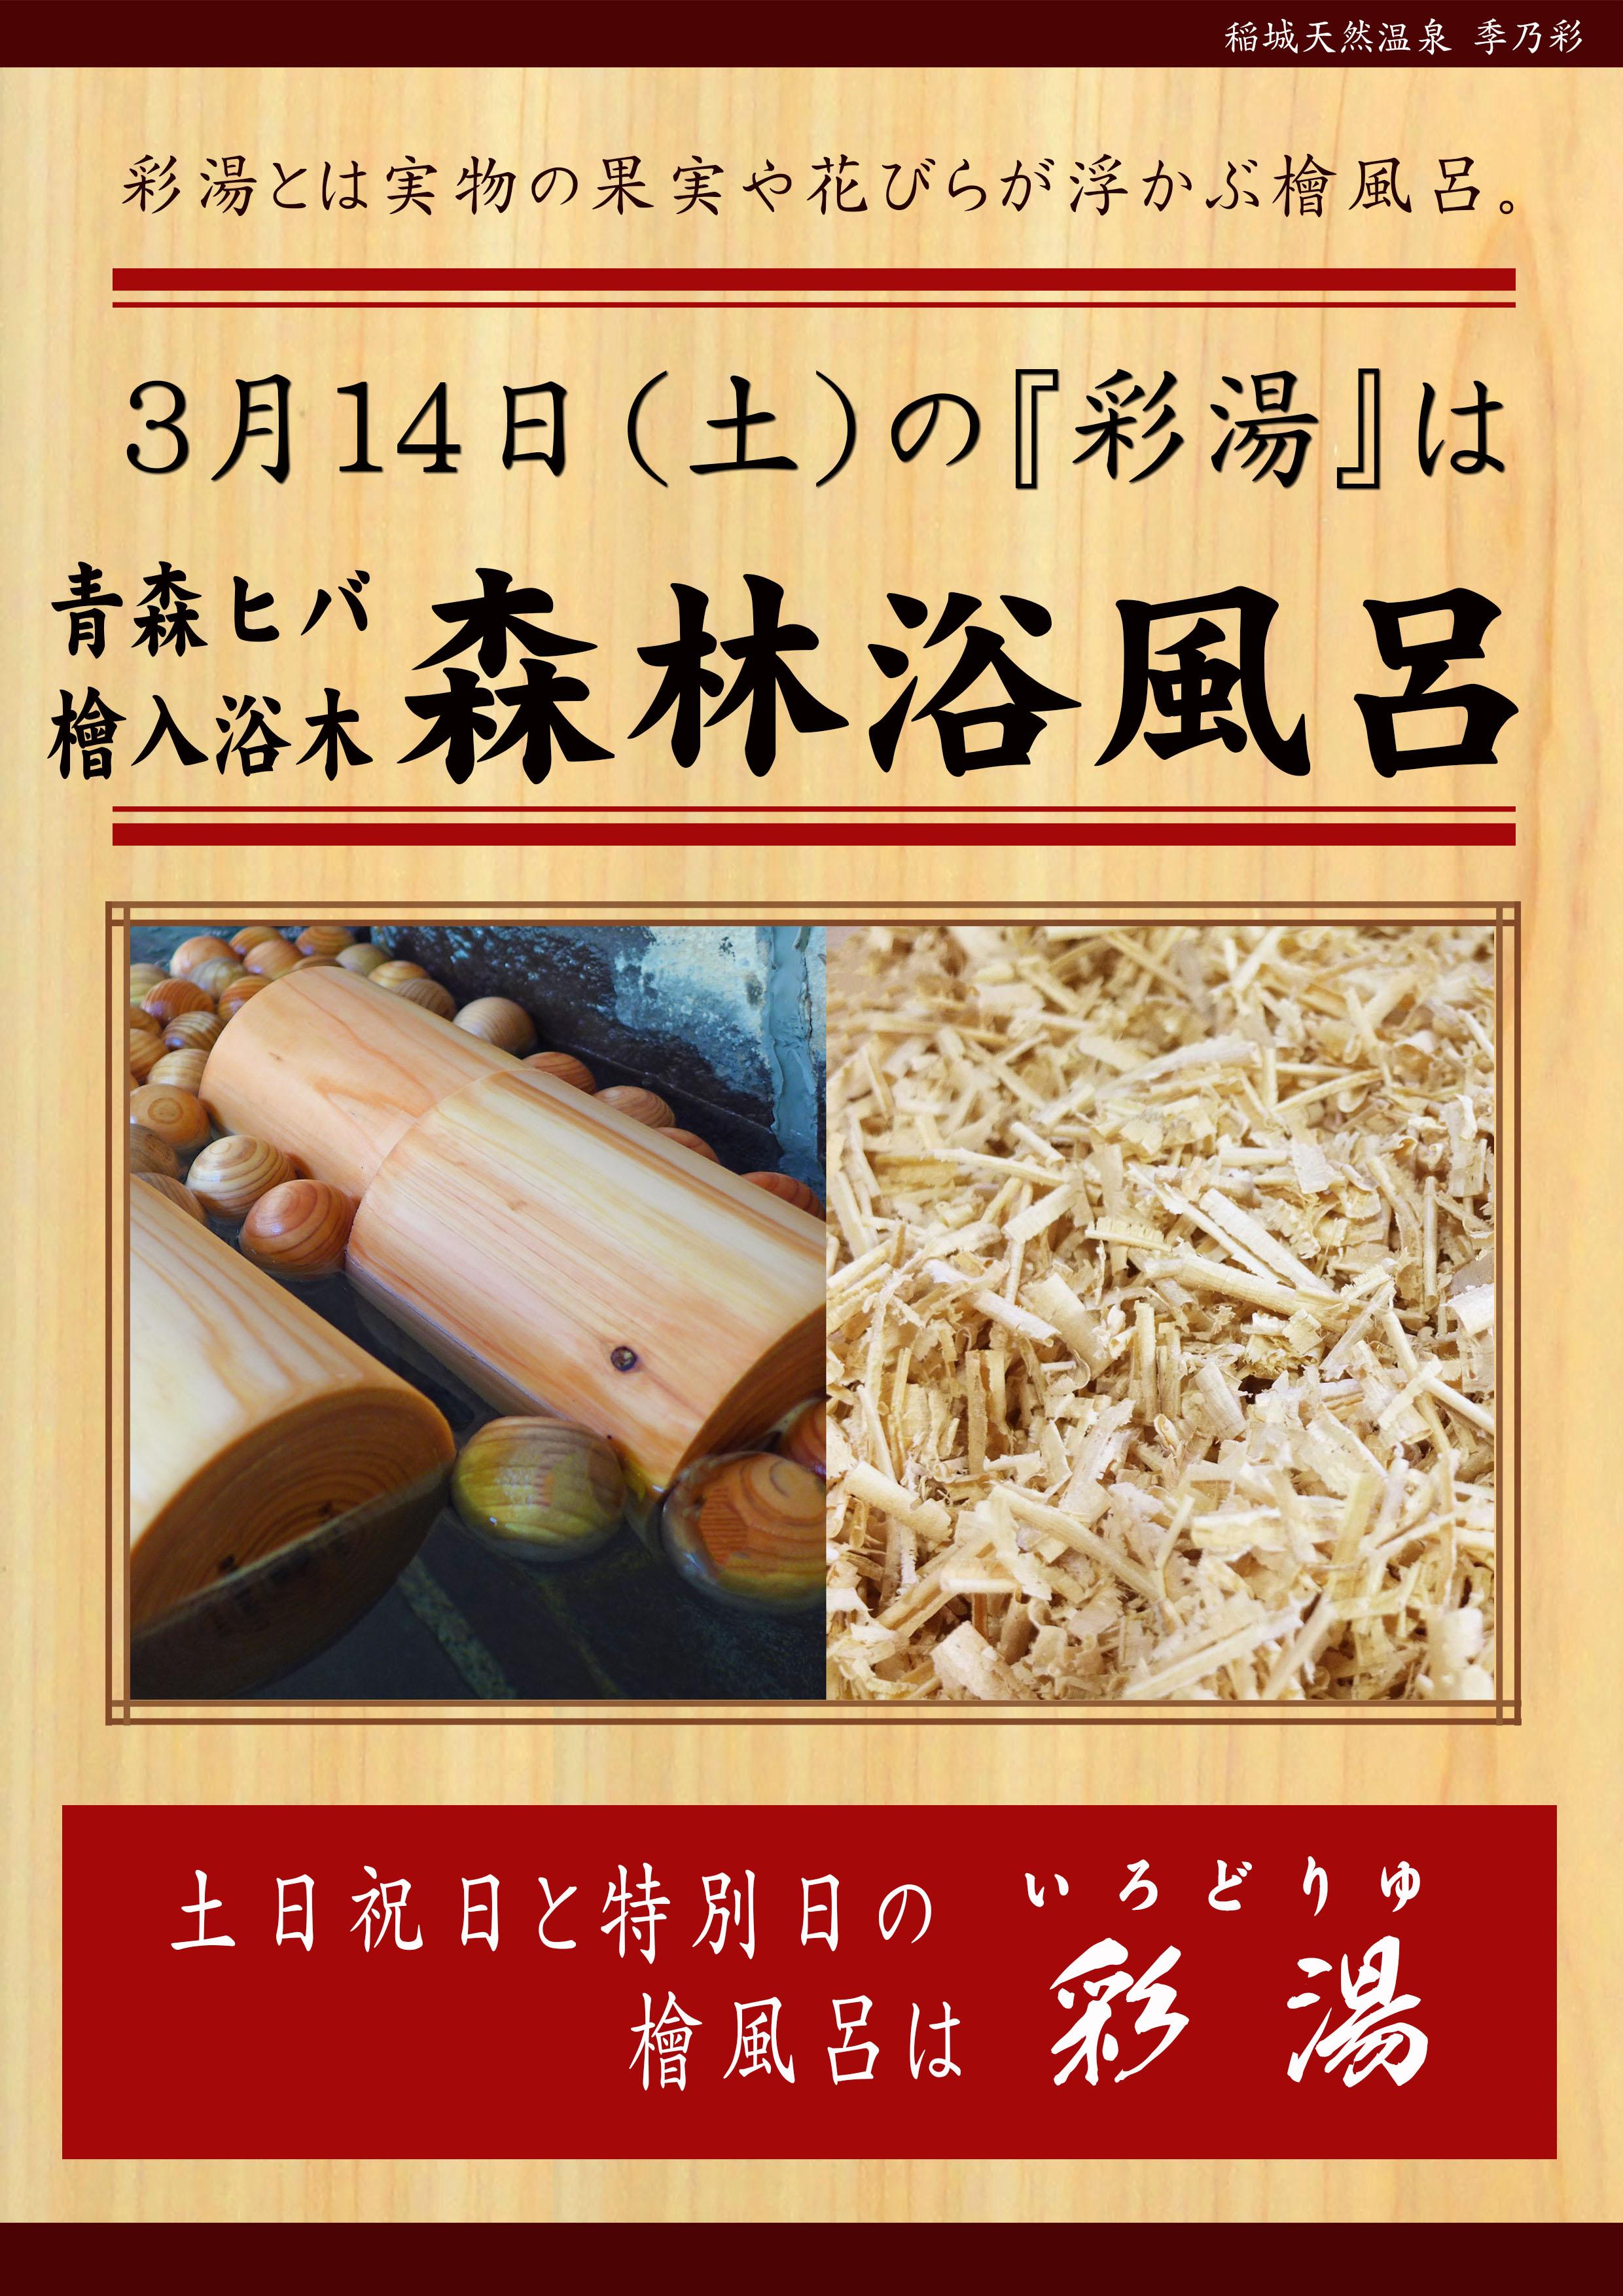 200314 POP イベント 彩湯 森林浴